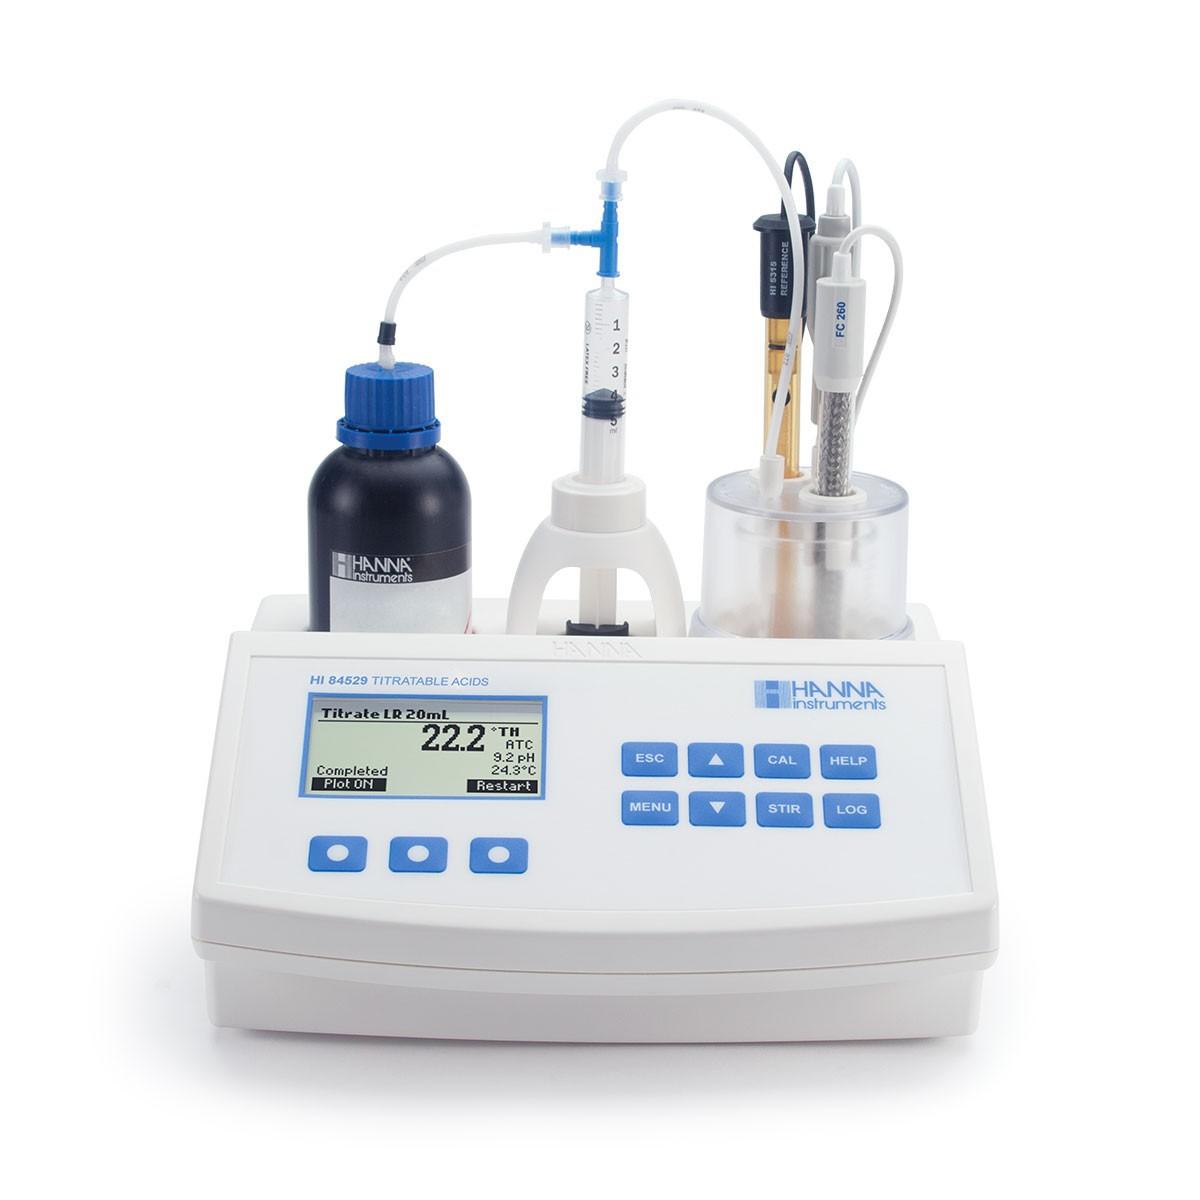 Máy phân tích mini nồng độ axit trong các sản phẩm từ sữa HI84529 Hanna